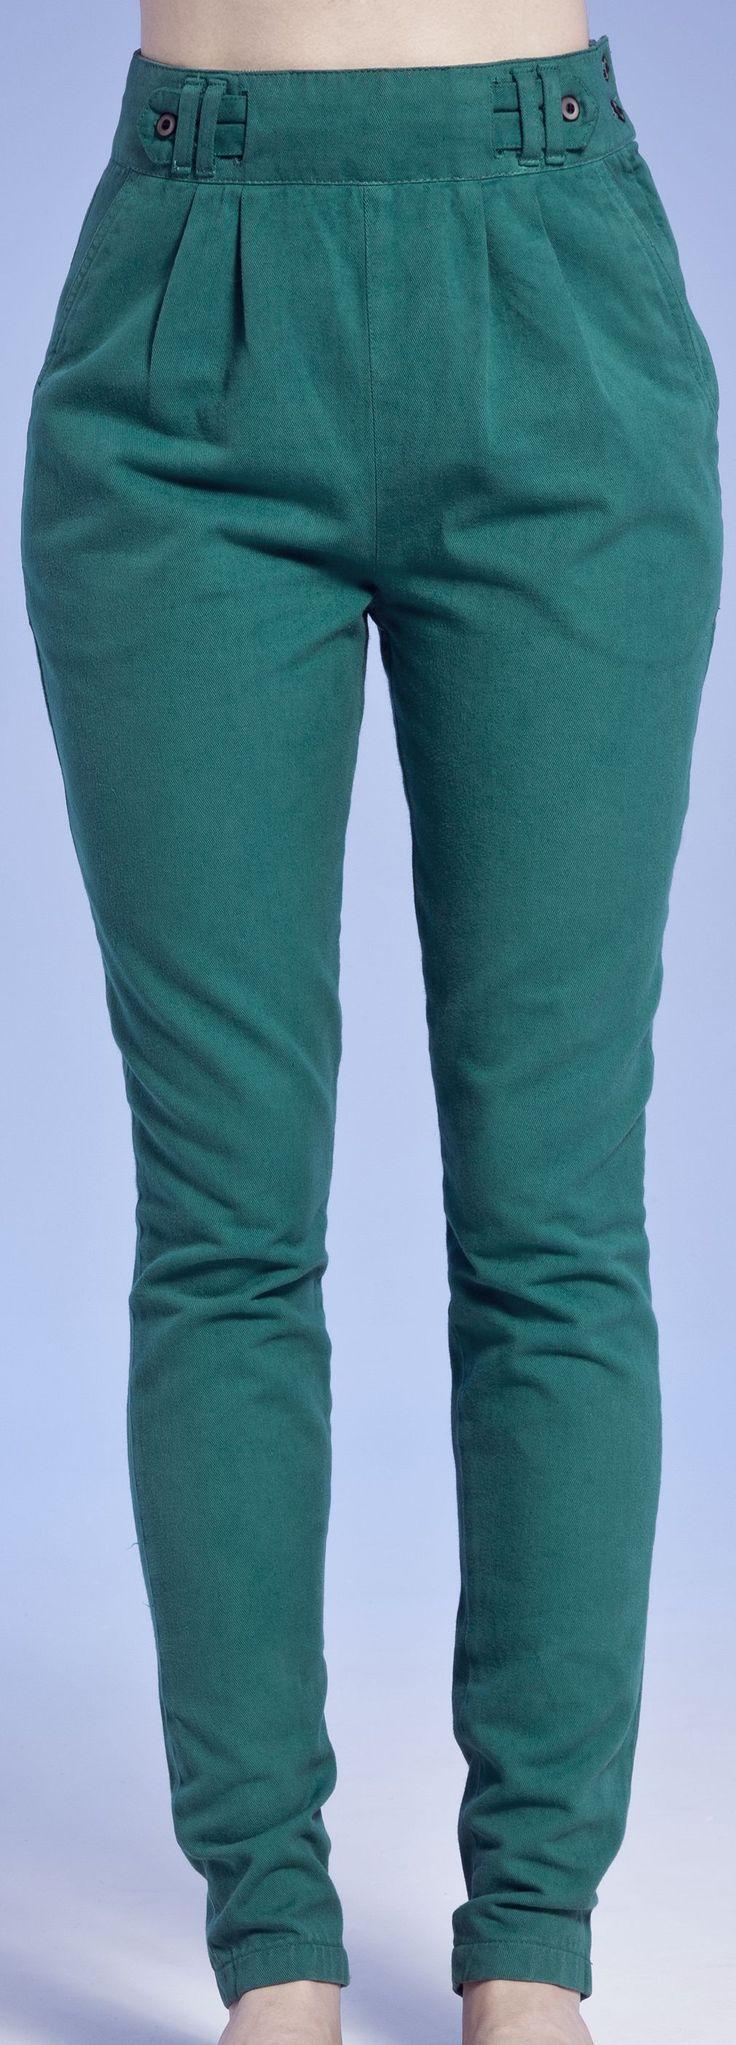 calça de sarja cintura alta - Pesquisa Google                                                                                                                                                     Mais